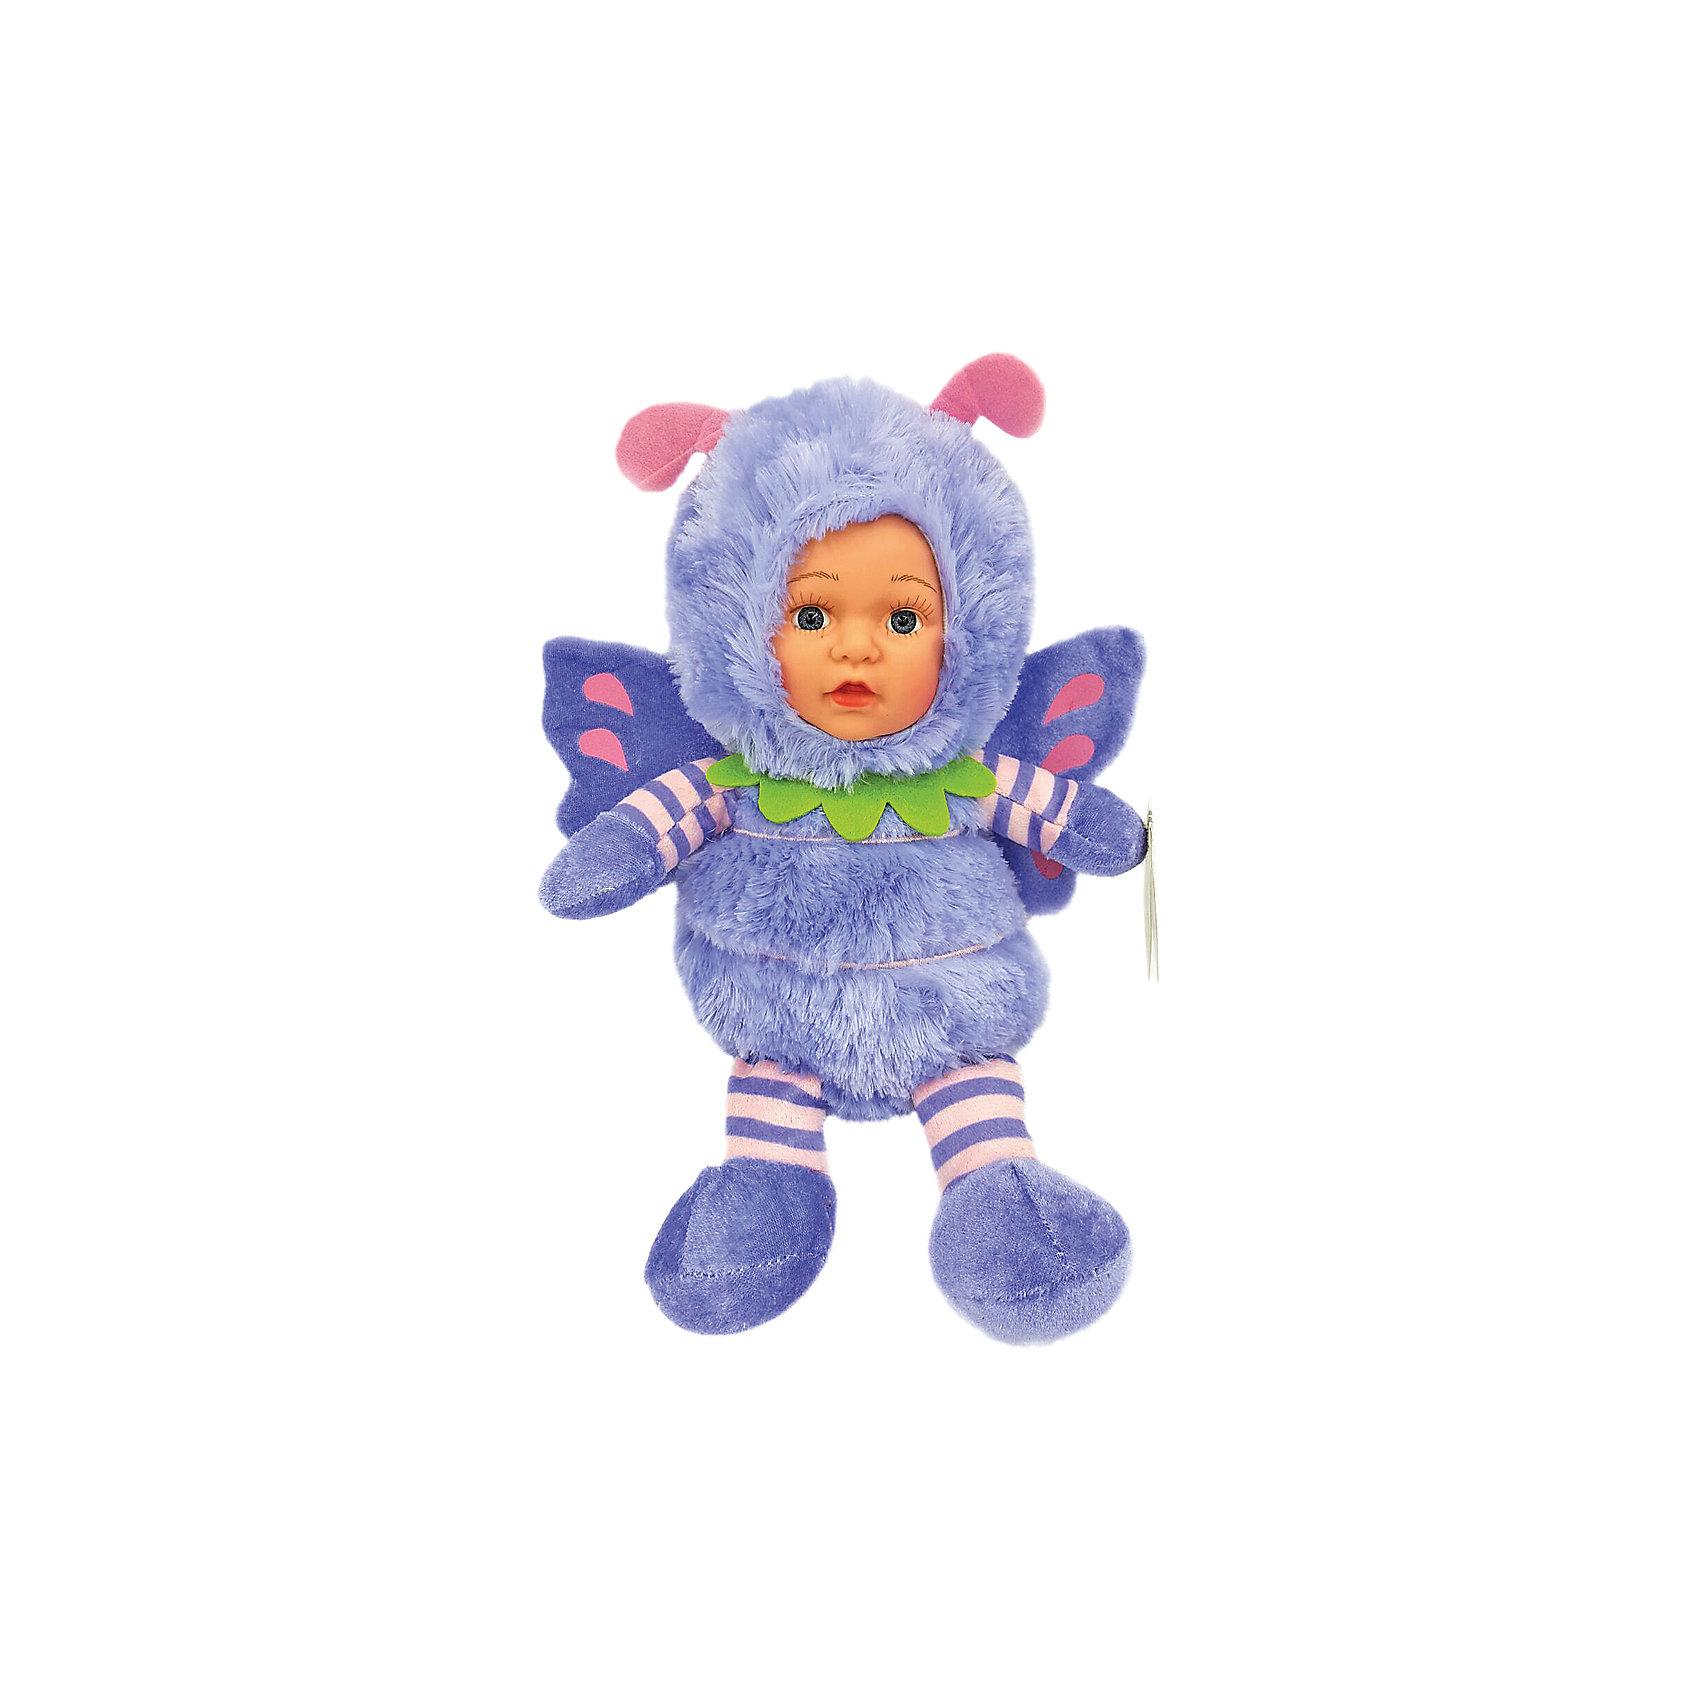 Игрушка Бабочка, Fluffy FamilyМягкие куклы<br>Игрушка «Бабочка» - милая вариация стандартной куклы – младенца. Малыш выполнен из пластика и тщательно прорисованным личиком. Одета кукла в костюм бабочки. Ткань приятна на ощупь и малышу понравится играть с куклой. Игрушка подходит для одиночной игры малыша и для игр в компании. Не содержит мелких деталей. Кукла из коллекционной серии. Соберите весь набор! Материалы, использованные при изготовлении товара, абсолютно безопасны и отвечают всем международным требованиям по качеству.<br><br>Дополнительные характеристики:<br><br>материал: ПВХ, искусственный мех, пластик;<br>габариты: 27 х 9 х 36 см;<br>наполнитель: полиэтиленовые гранулы.<br><br>Игрушку Бабочка от компании Fluffy Family можно приобрести в нашем магазине.<br><br>Ширина мм: 570<br>Глубина мм: 580<br>Высота мм: 450<br>Вес г: 159<br>Возраст от месяцев: 36<br>Возраст до месяцев: 96<br>Пол: Унисекс<br>Возраст: Детский<br>SKU: 5032459